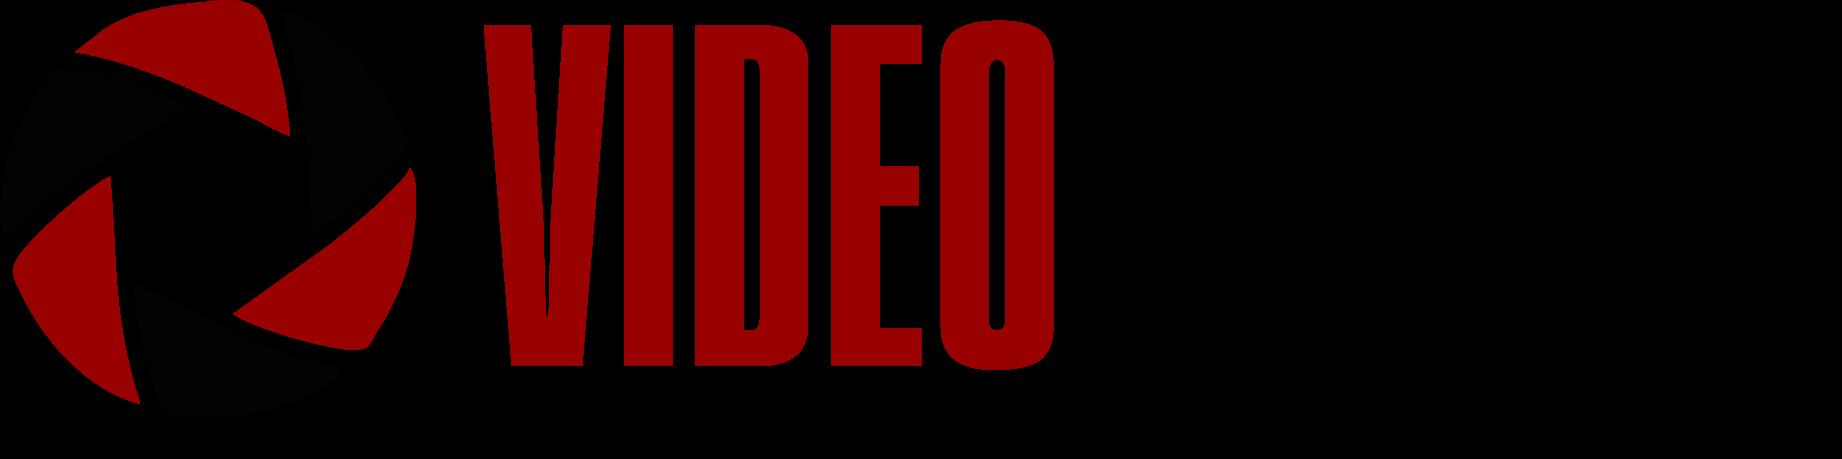 VideoPlanos, Produções Audiovisuais, Lda